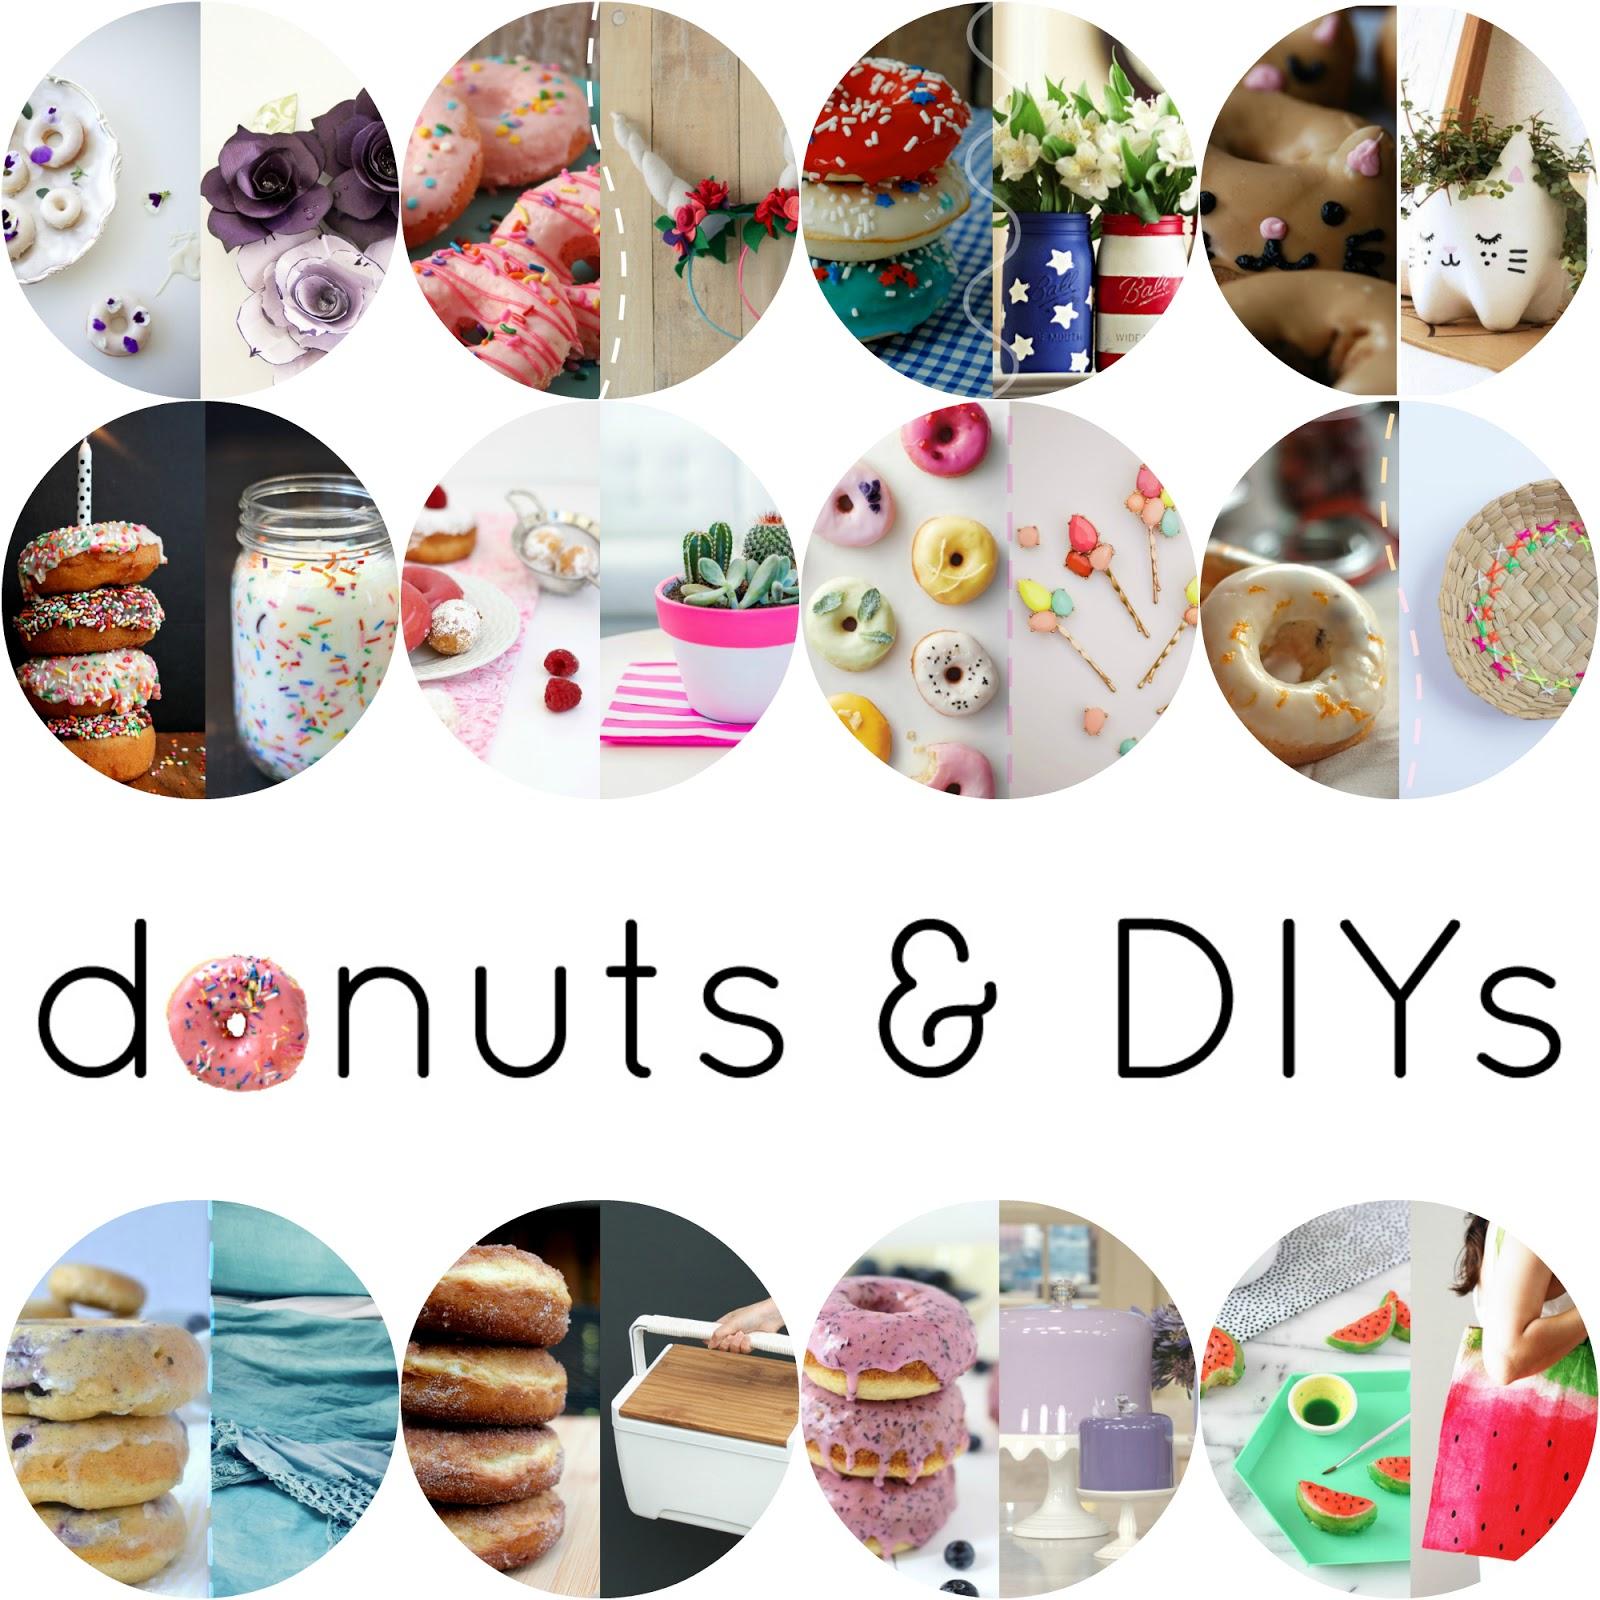 http://donutsanddiys.blogspot.com/